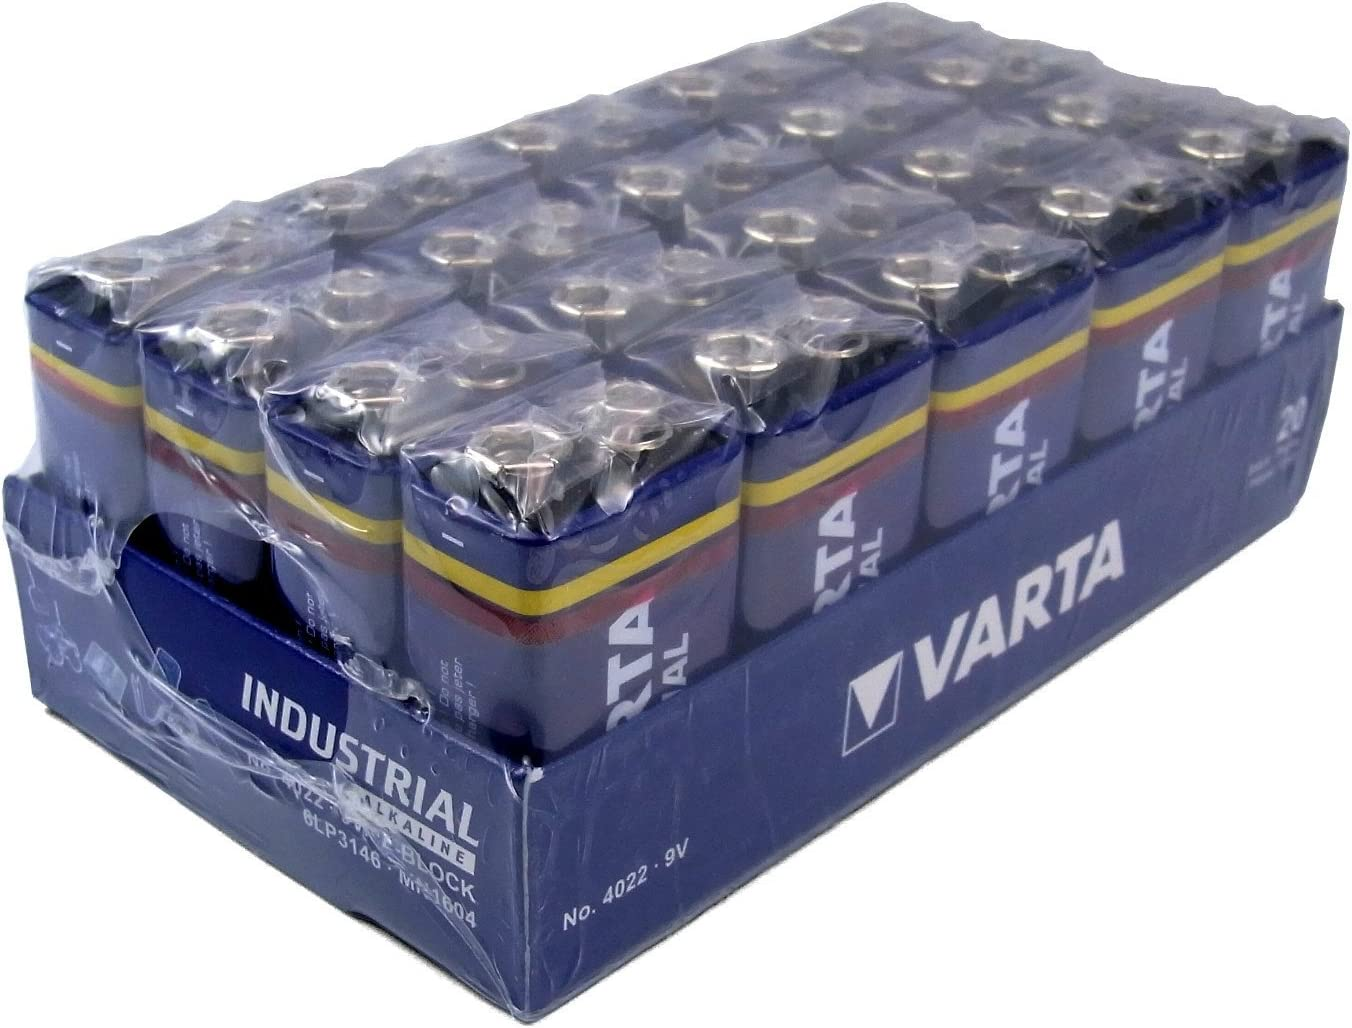 Varta 4022 - Pila alcalina de 9v, pack de 20 unidades